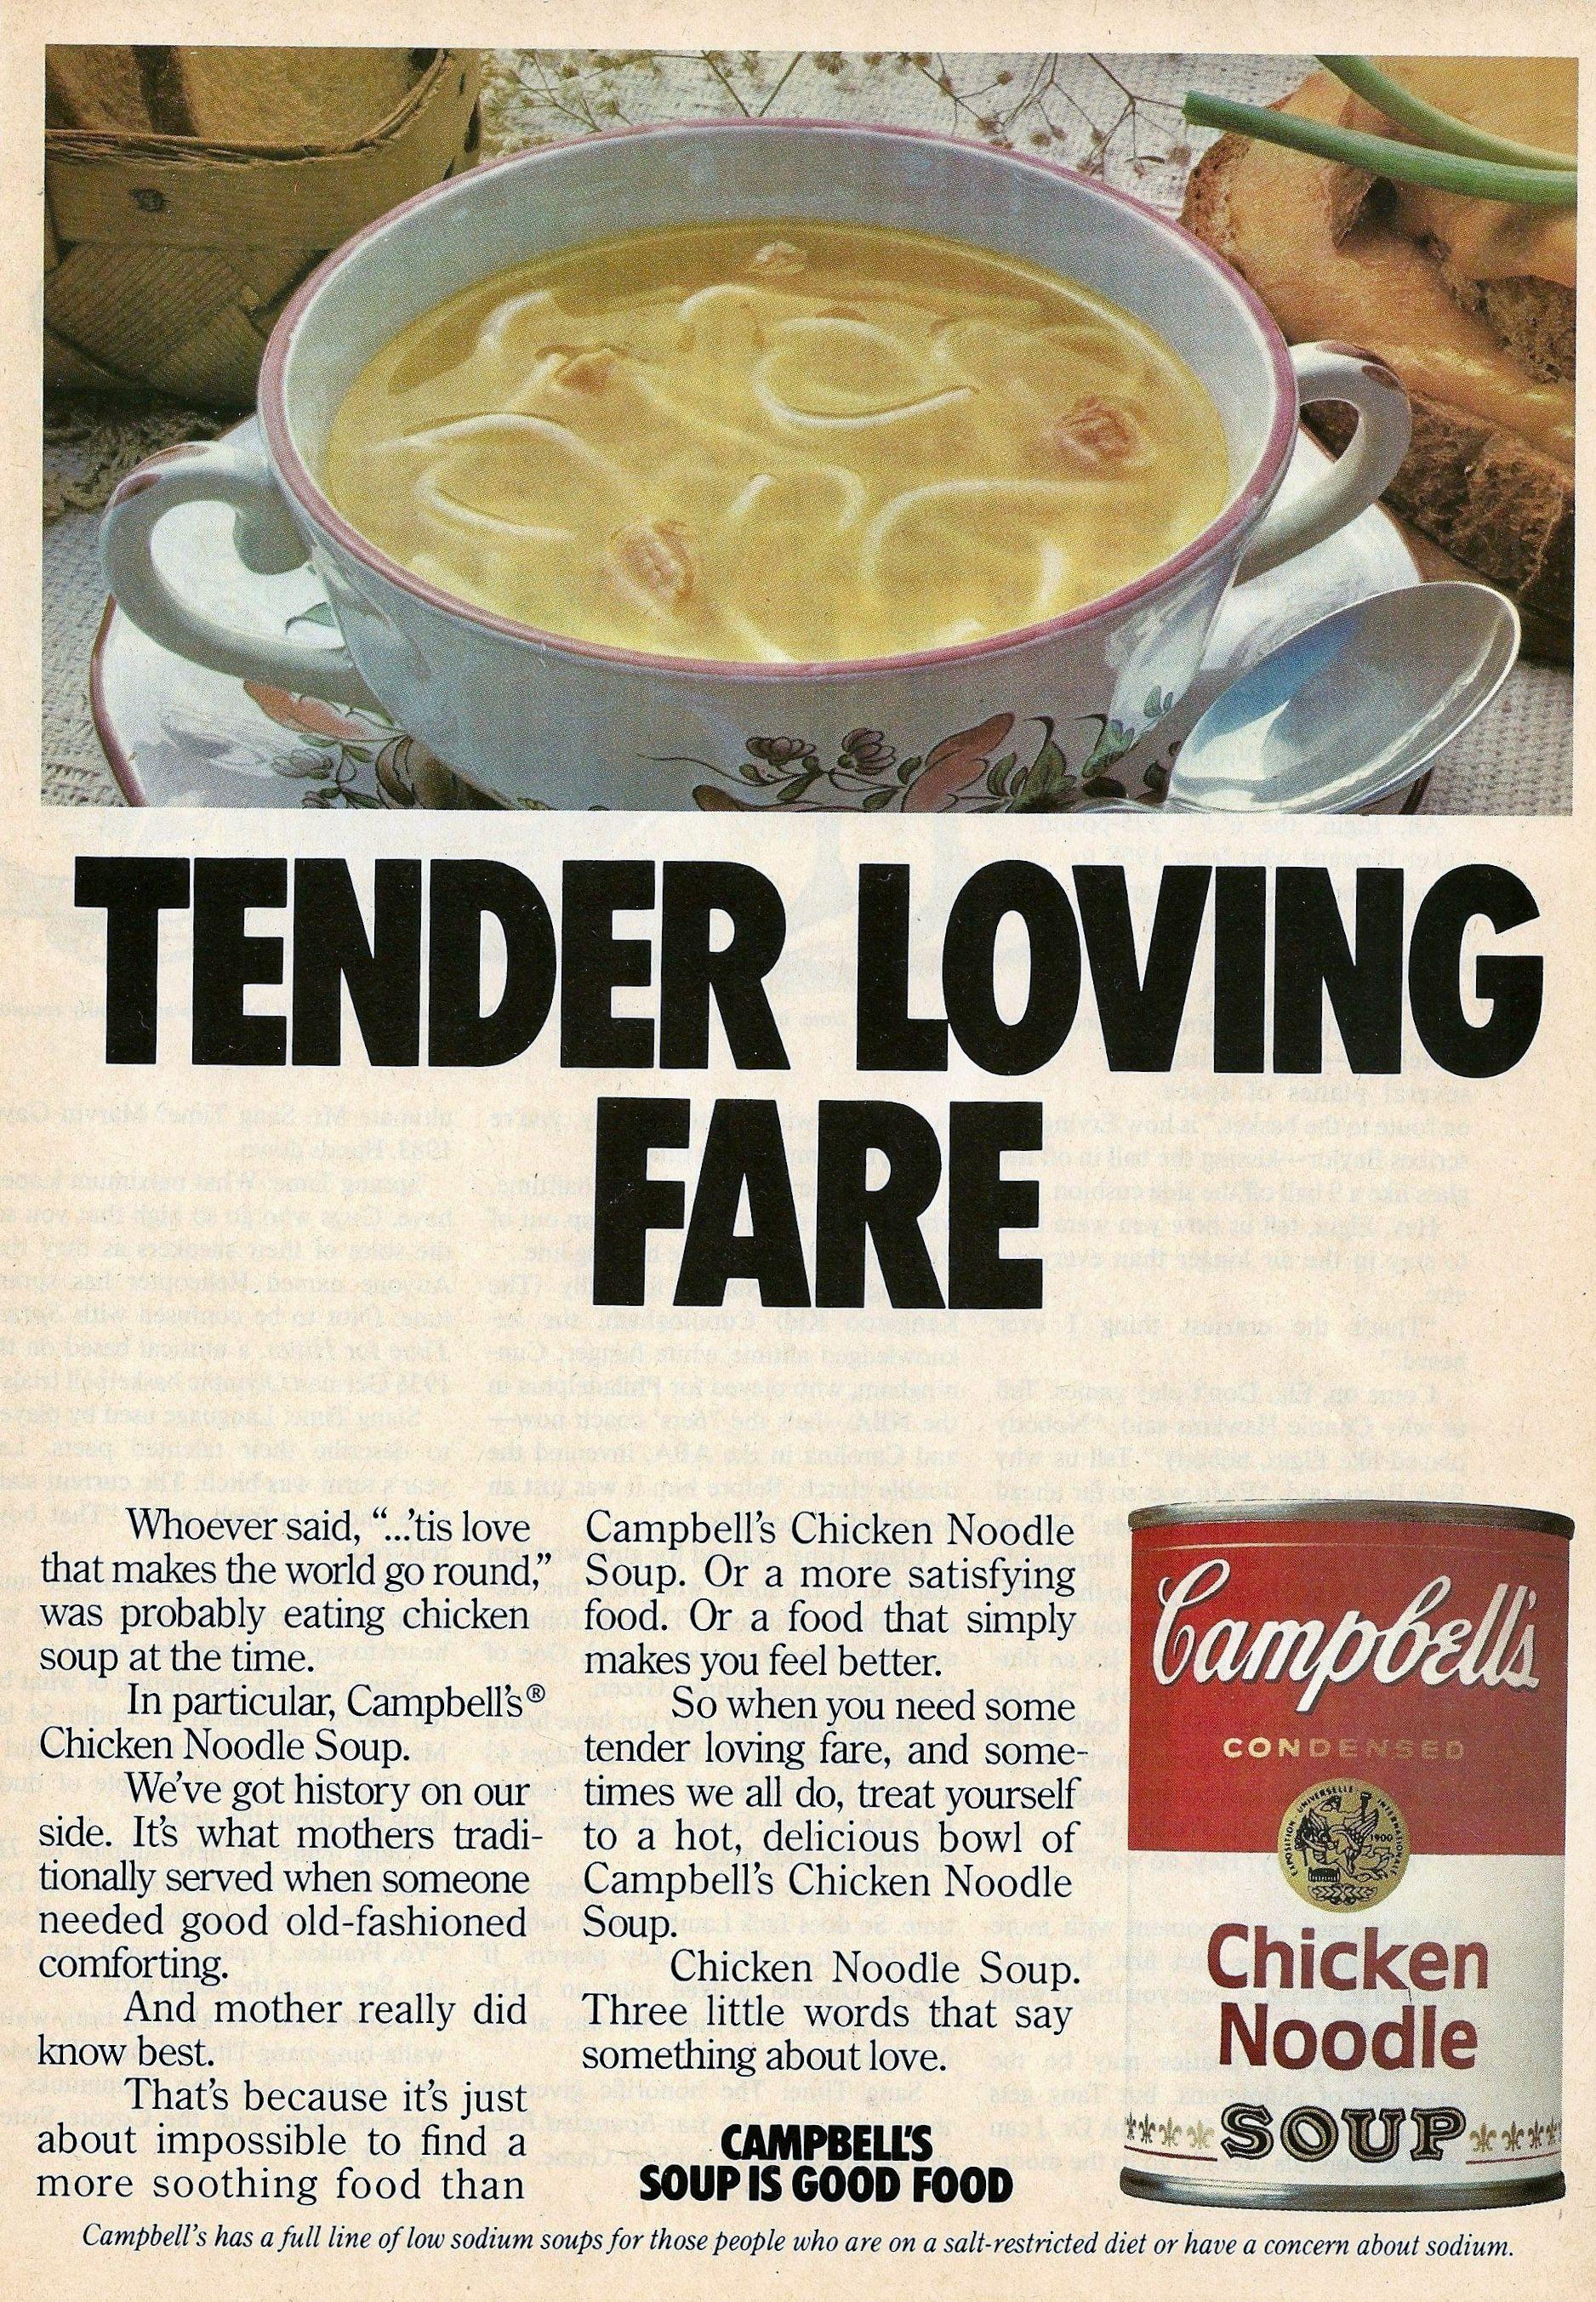 Campbells Soup Chicken Noodle Soup Soup Is Good Food 1984 Ad Soup